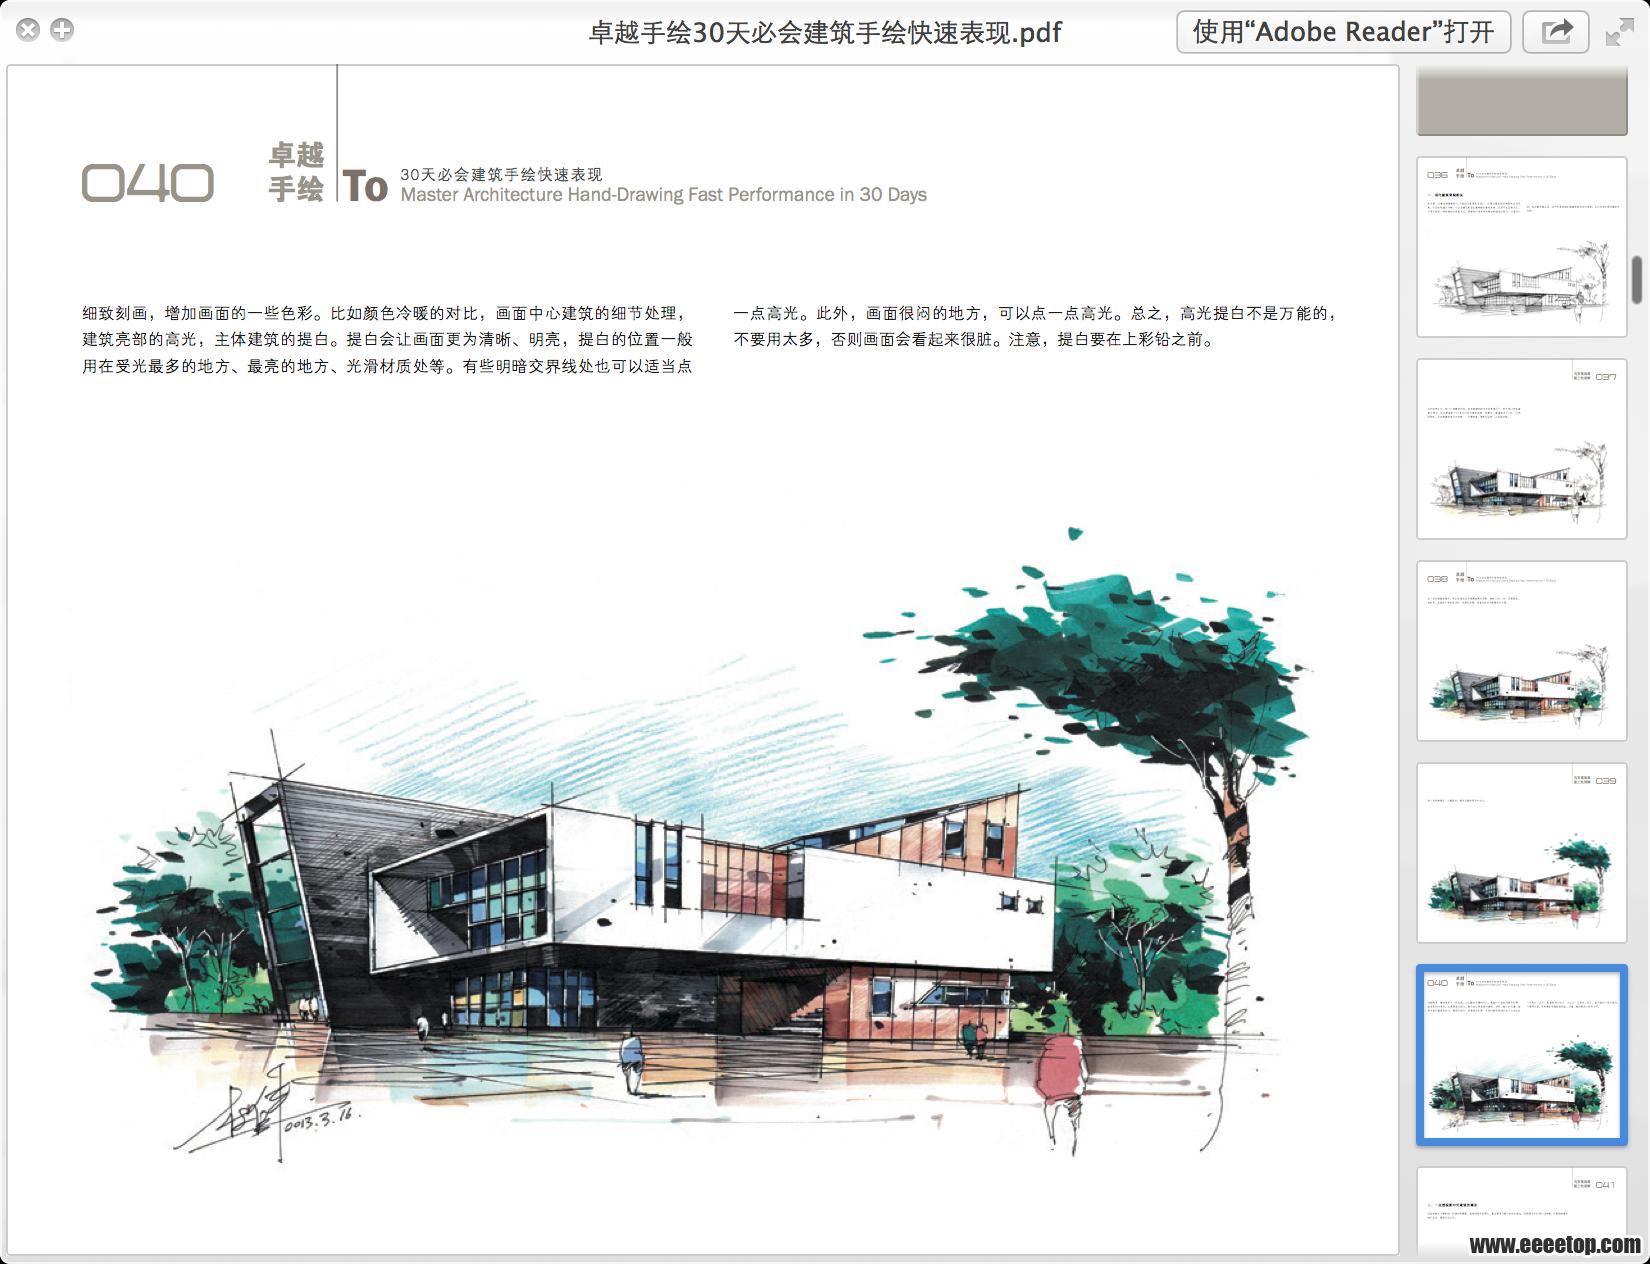 卓越手绘30天必会建筑手绘快速表现pdf